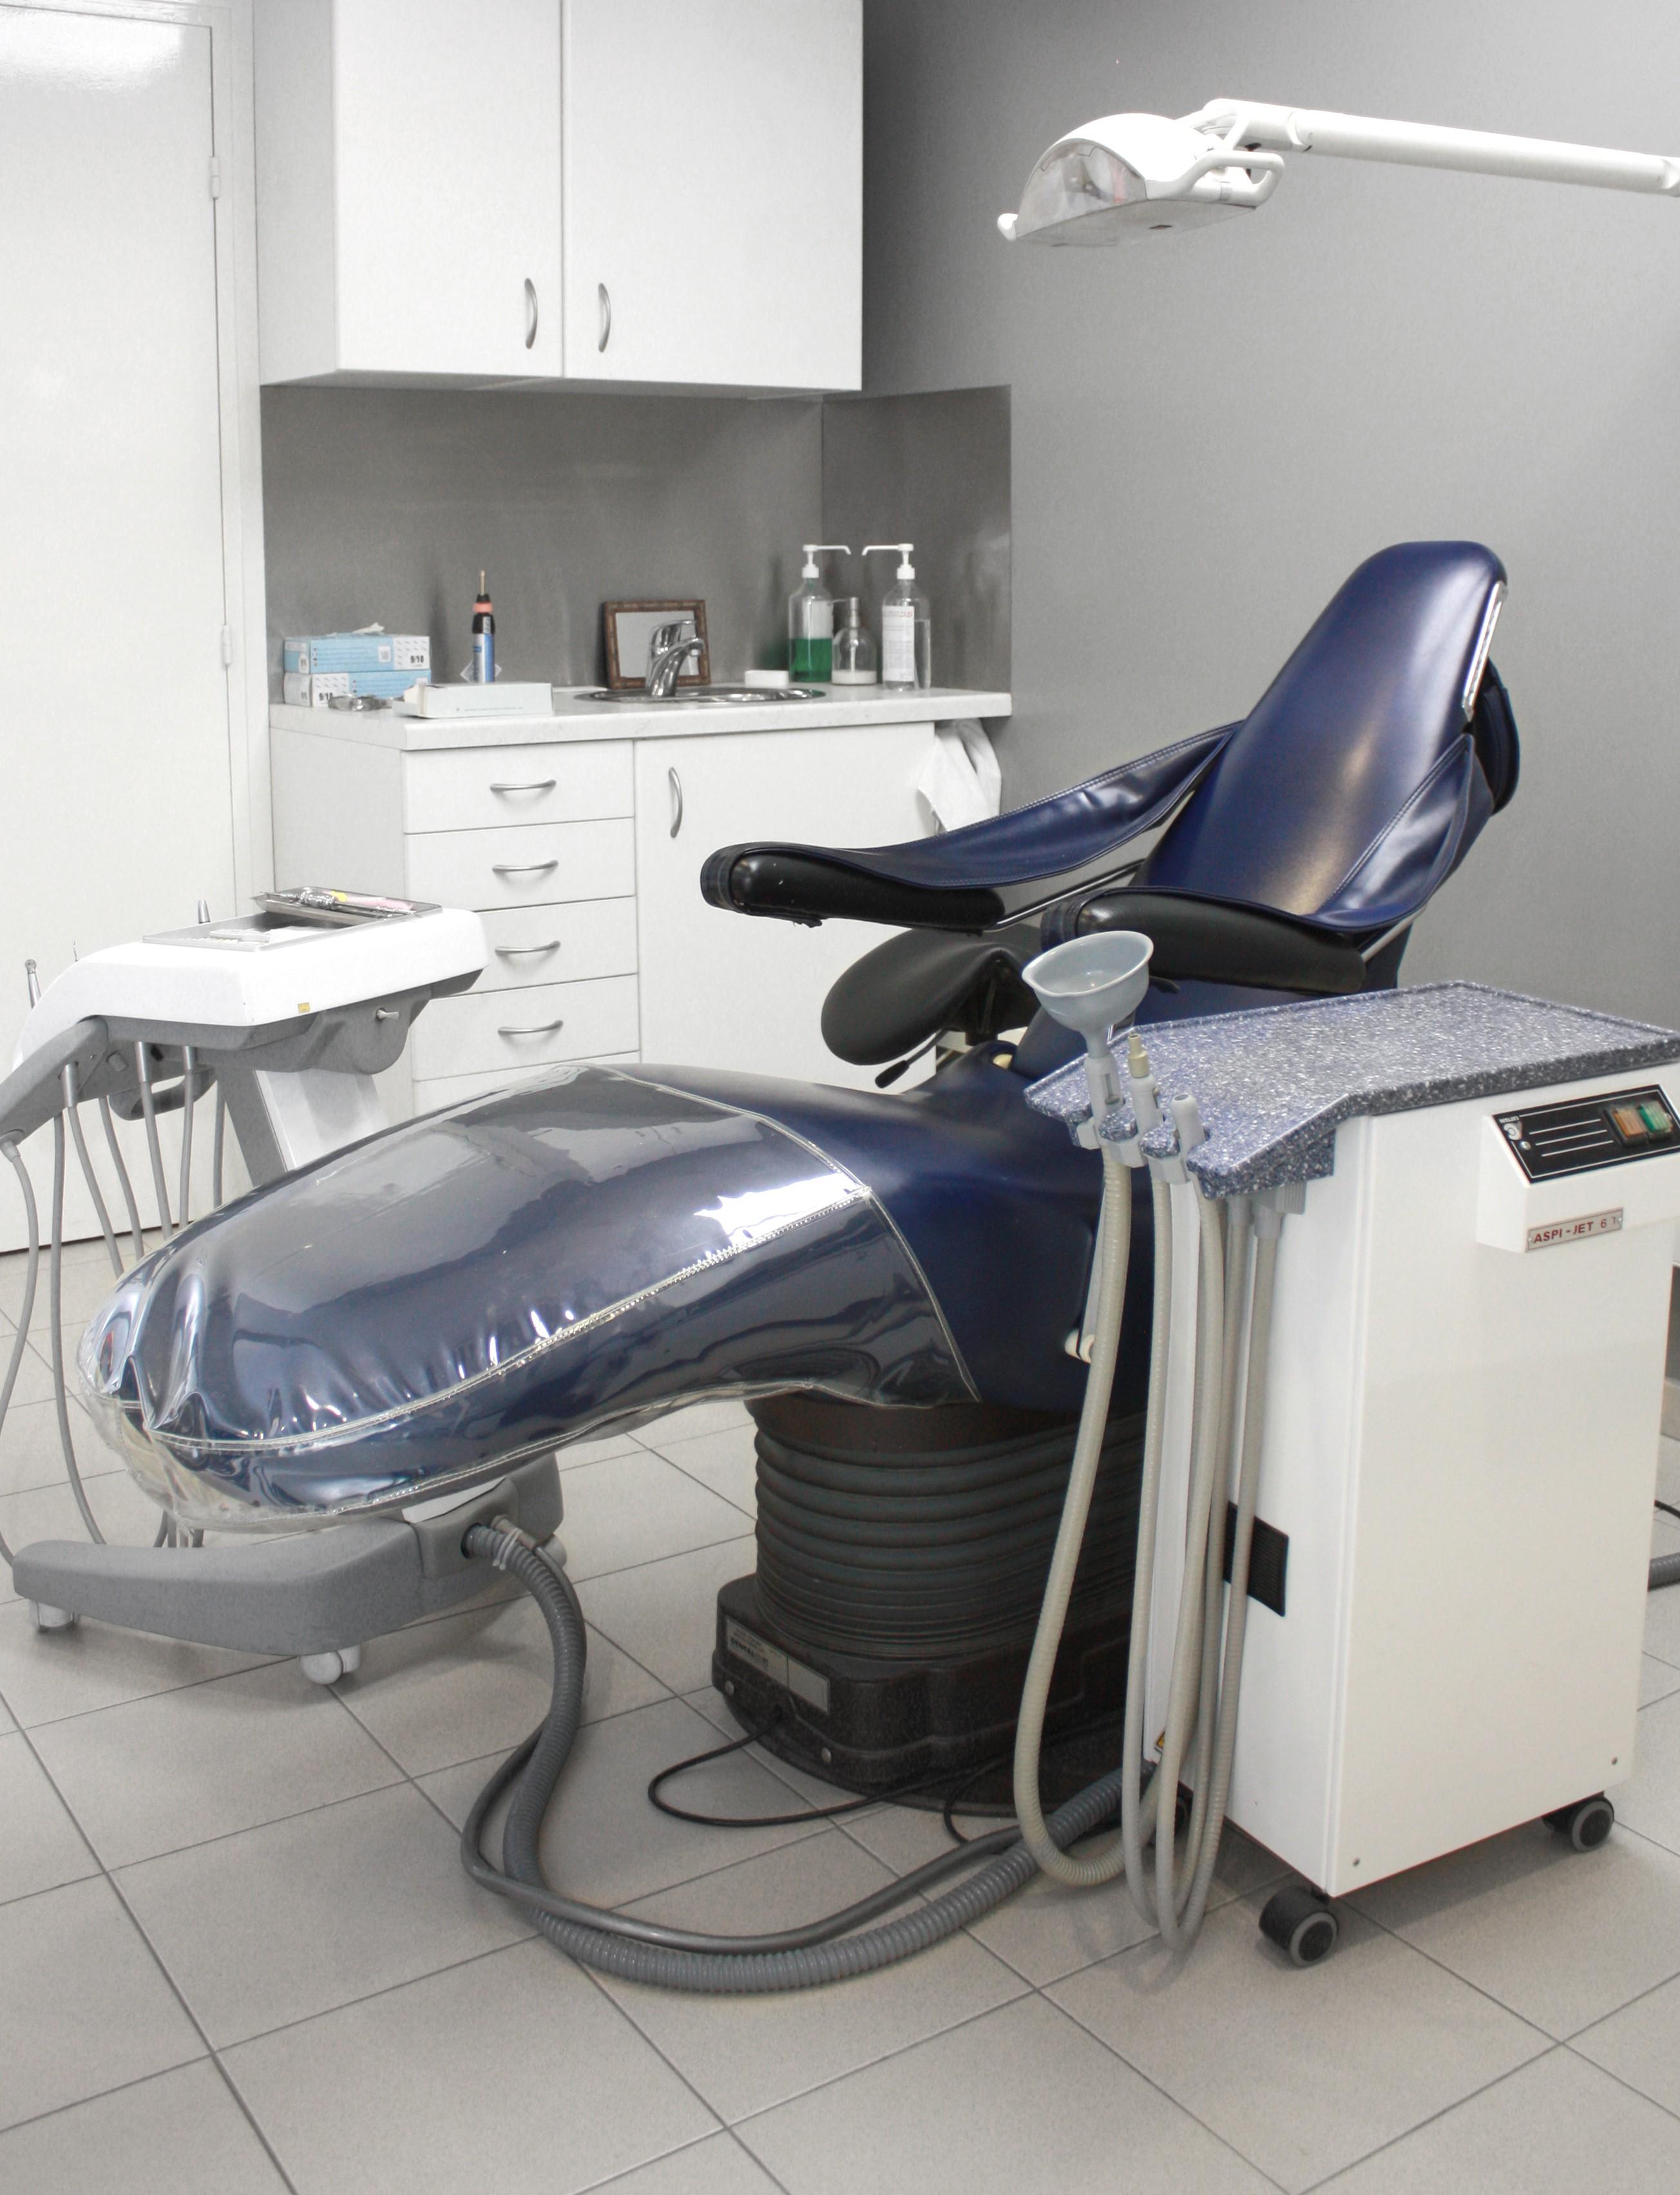 metalodont laboratoire de proth se dentaire dirigeants. Black Bedroom Furniture Sets. Home Design Ideas